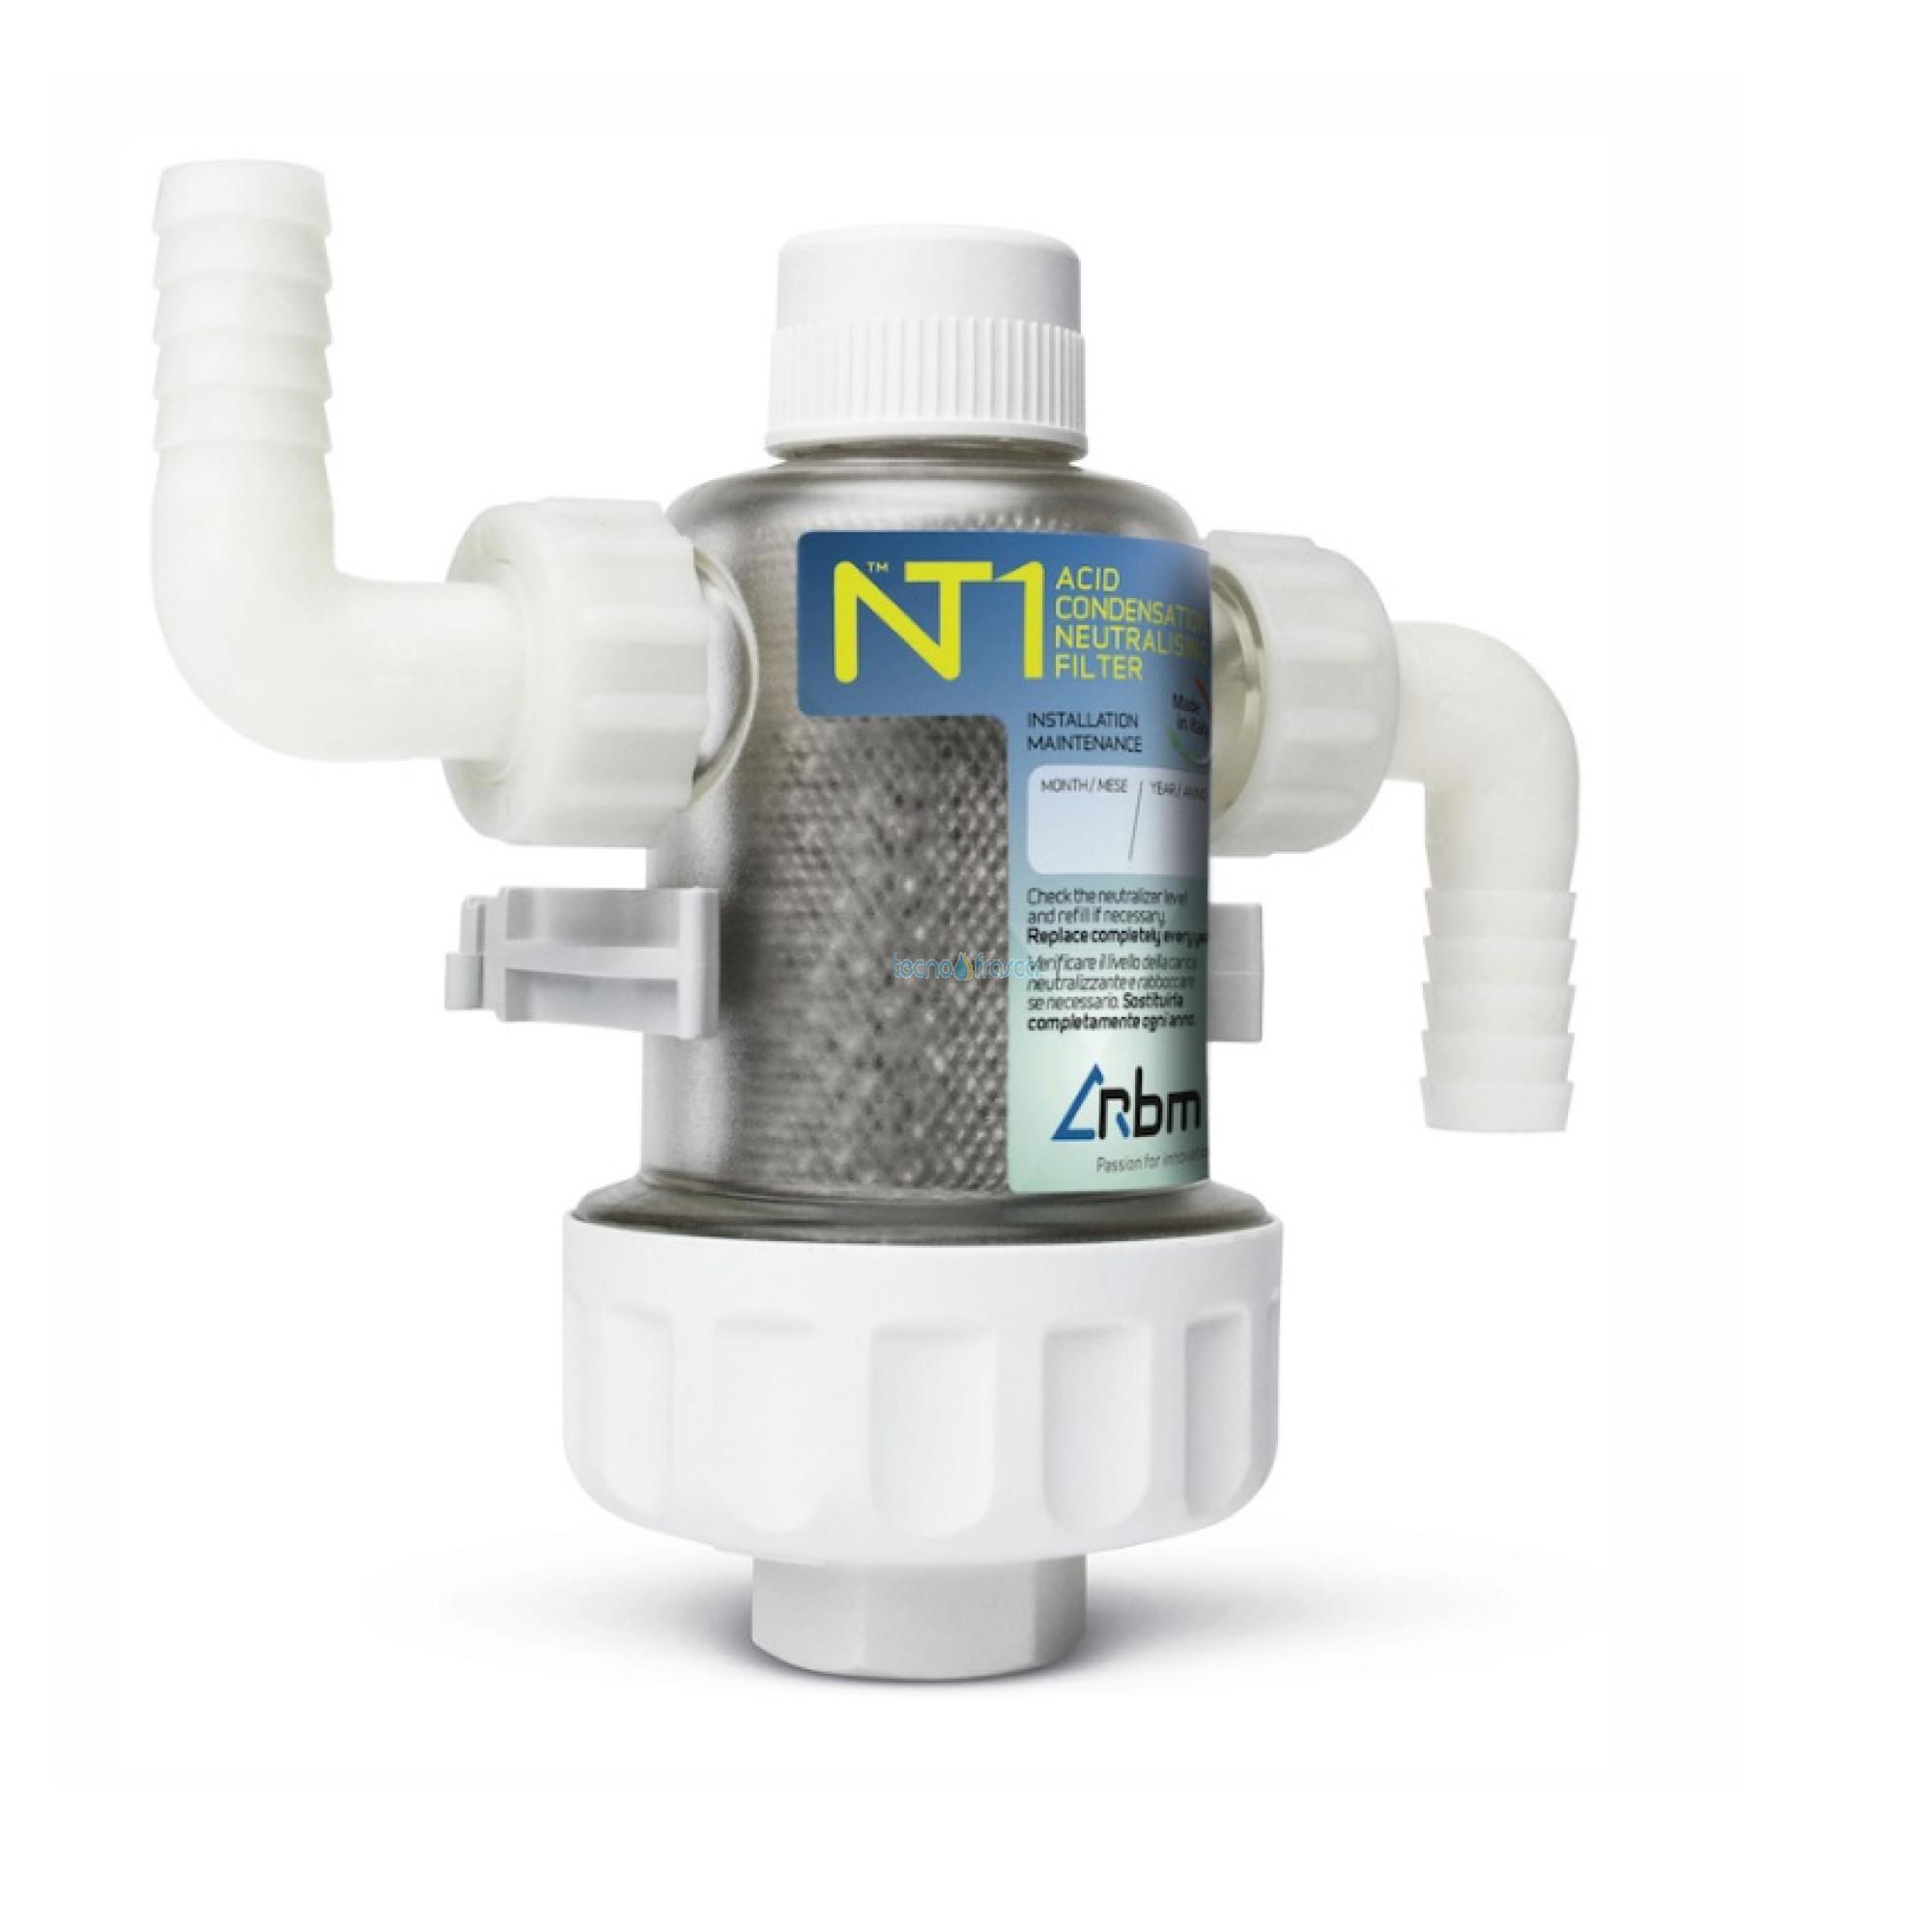 Rbm filtro neutralizzatore condensa acida caldaia nt1